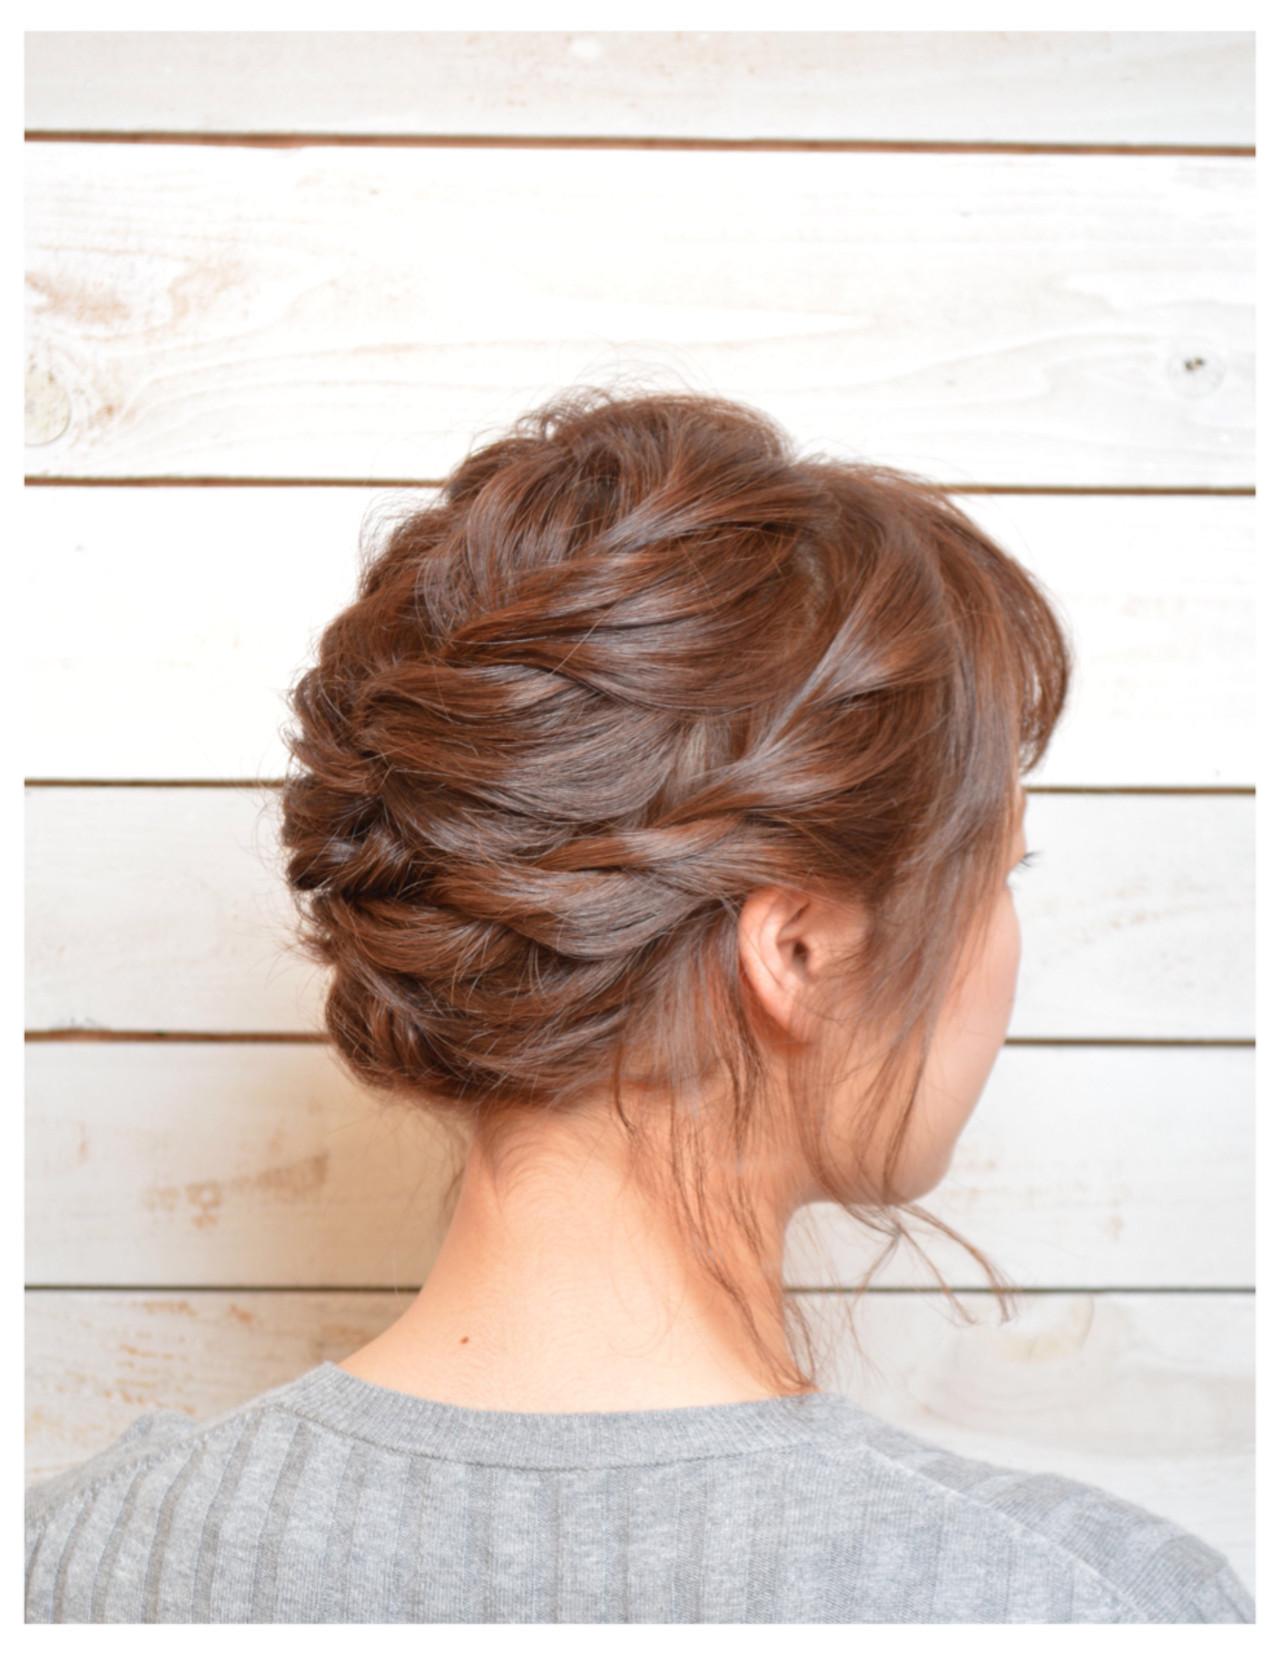 ねじり ヘアアレンジ ショートボブ アップスタイル ヘアスタイルや髪型の写真・画像